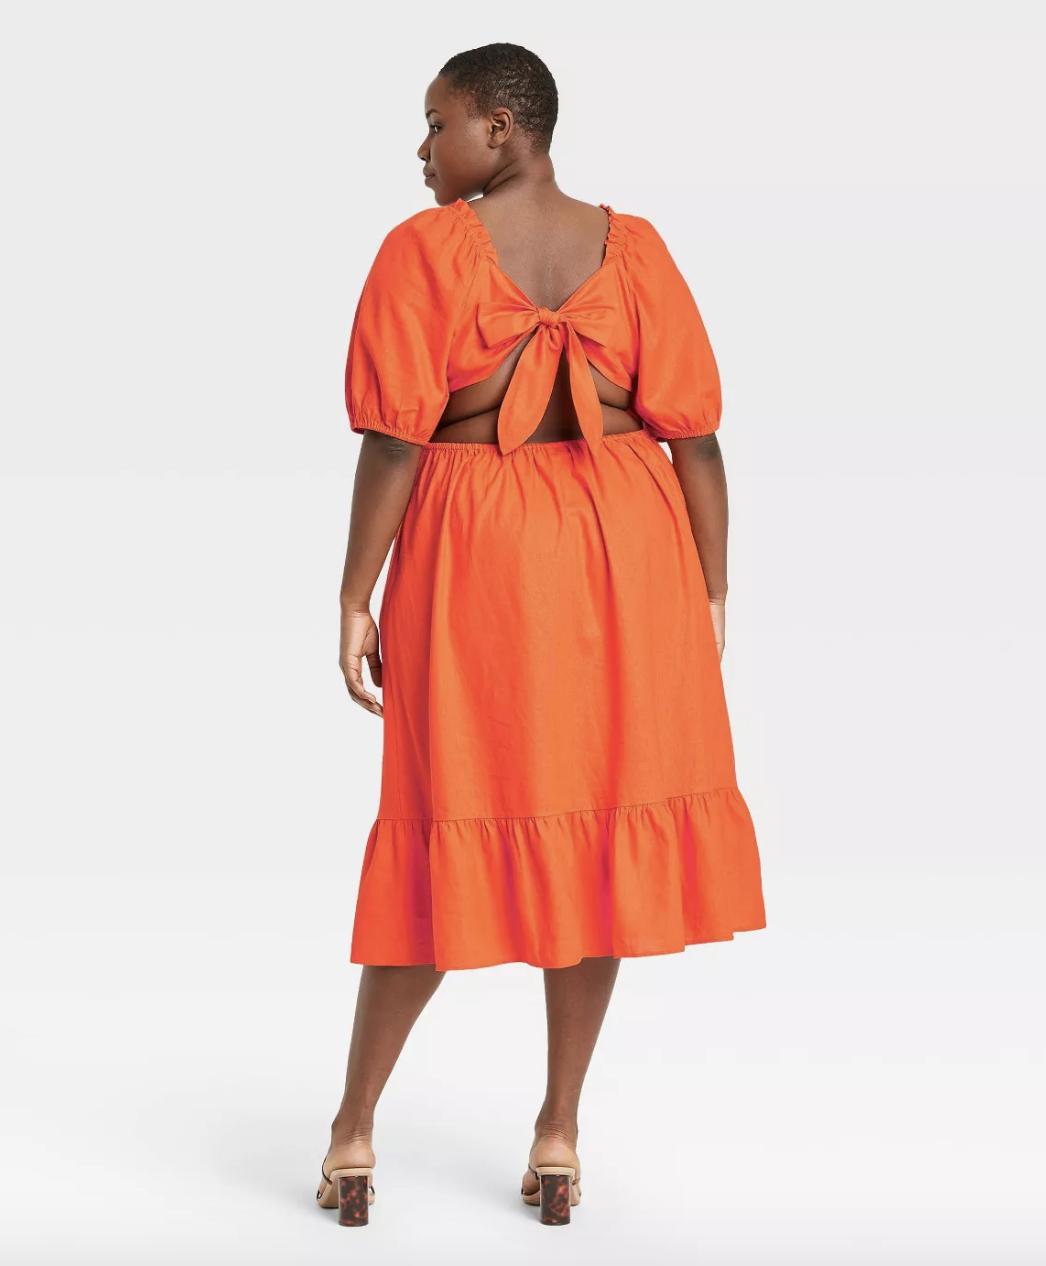 model wearing the orange open back dress